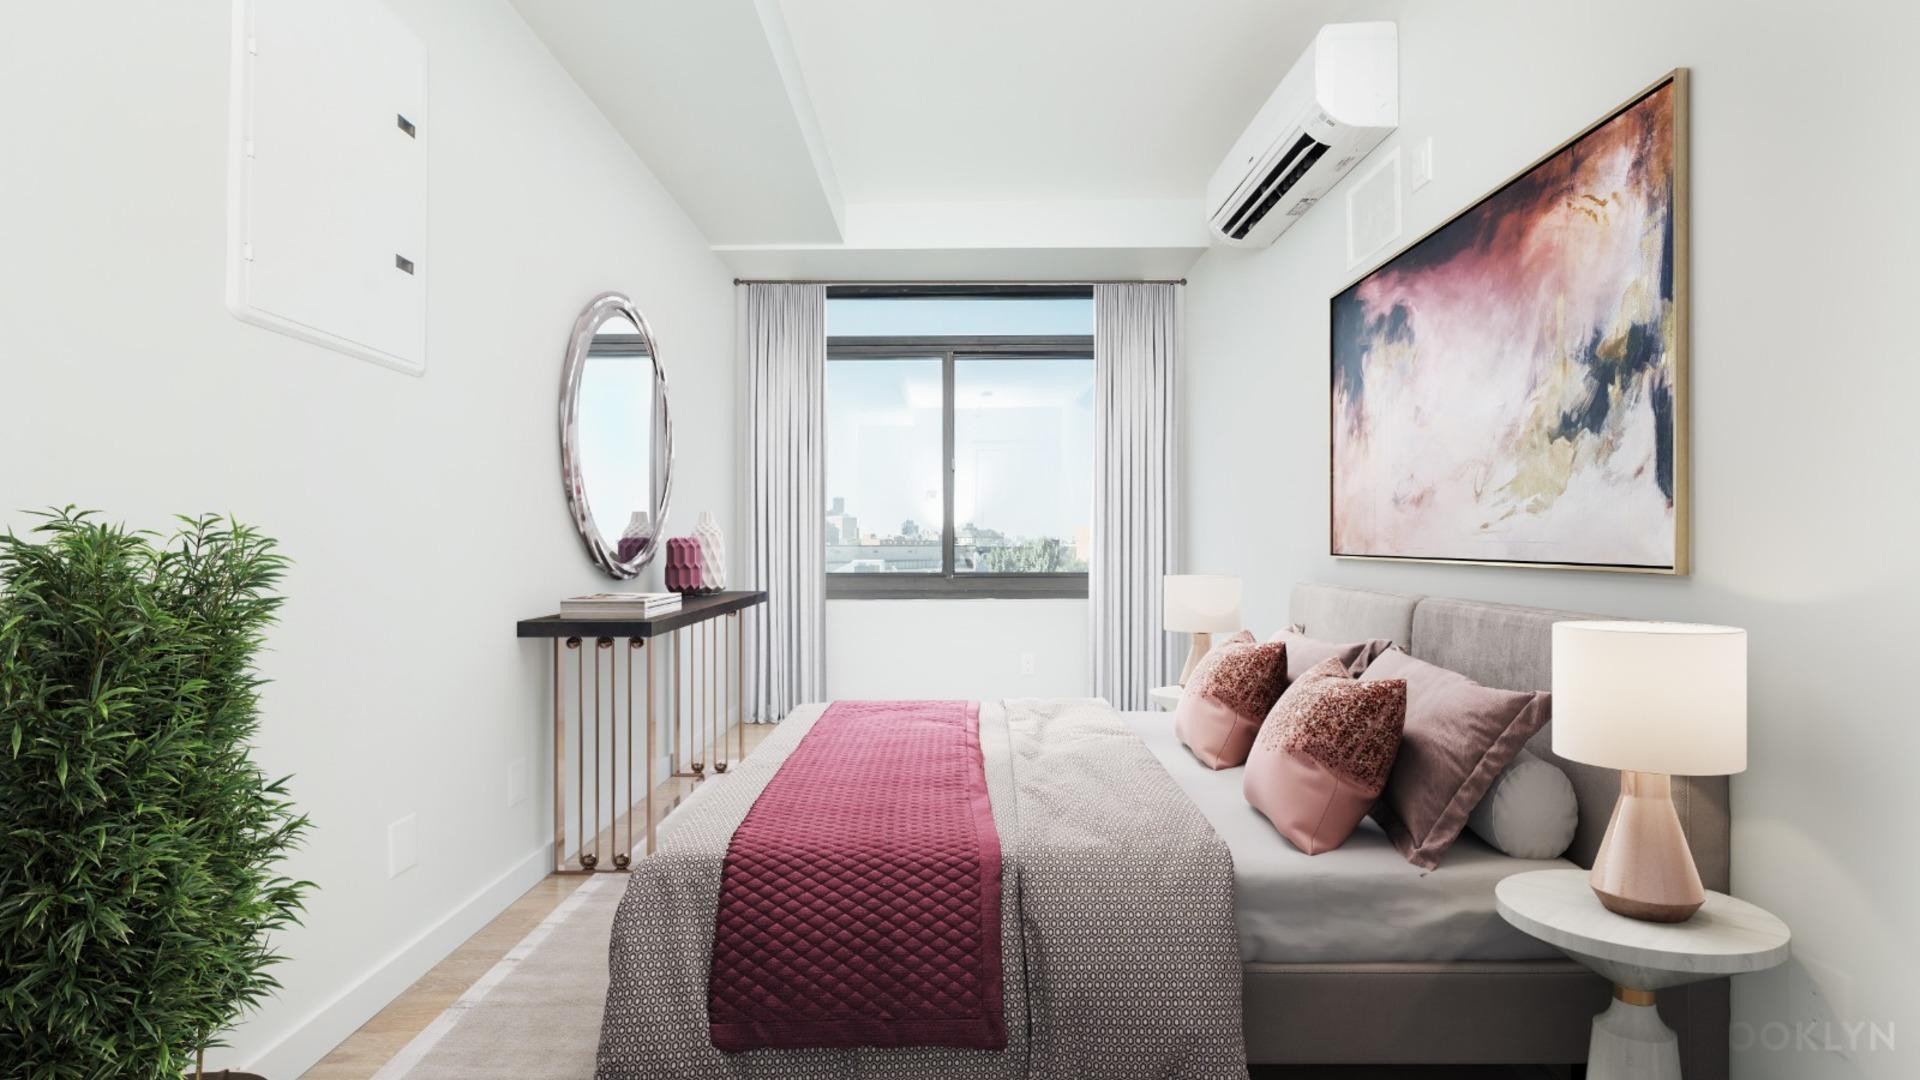 594 bushwick bedroom